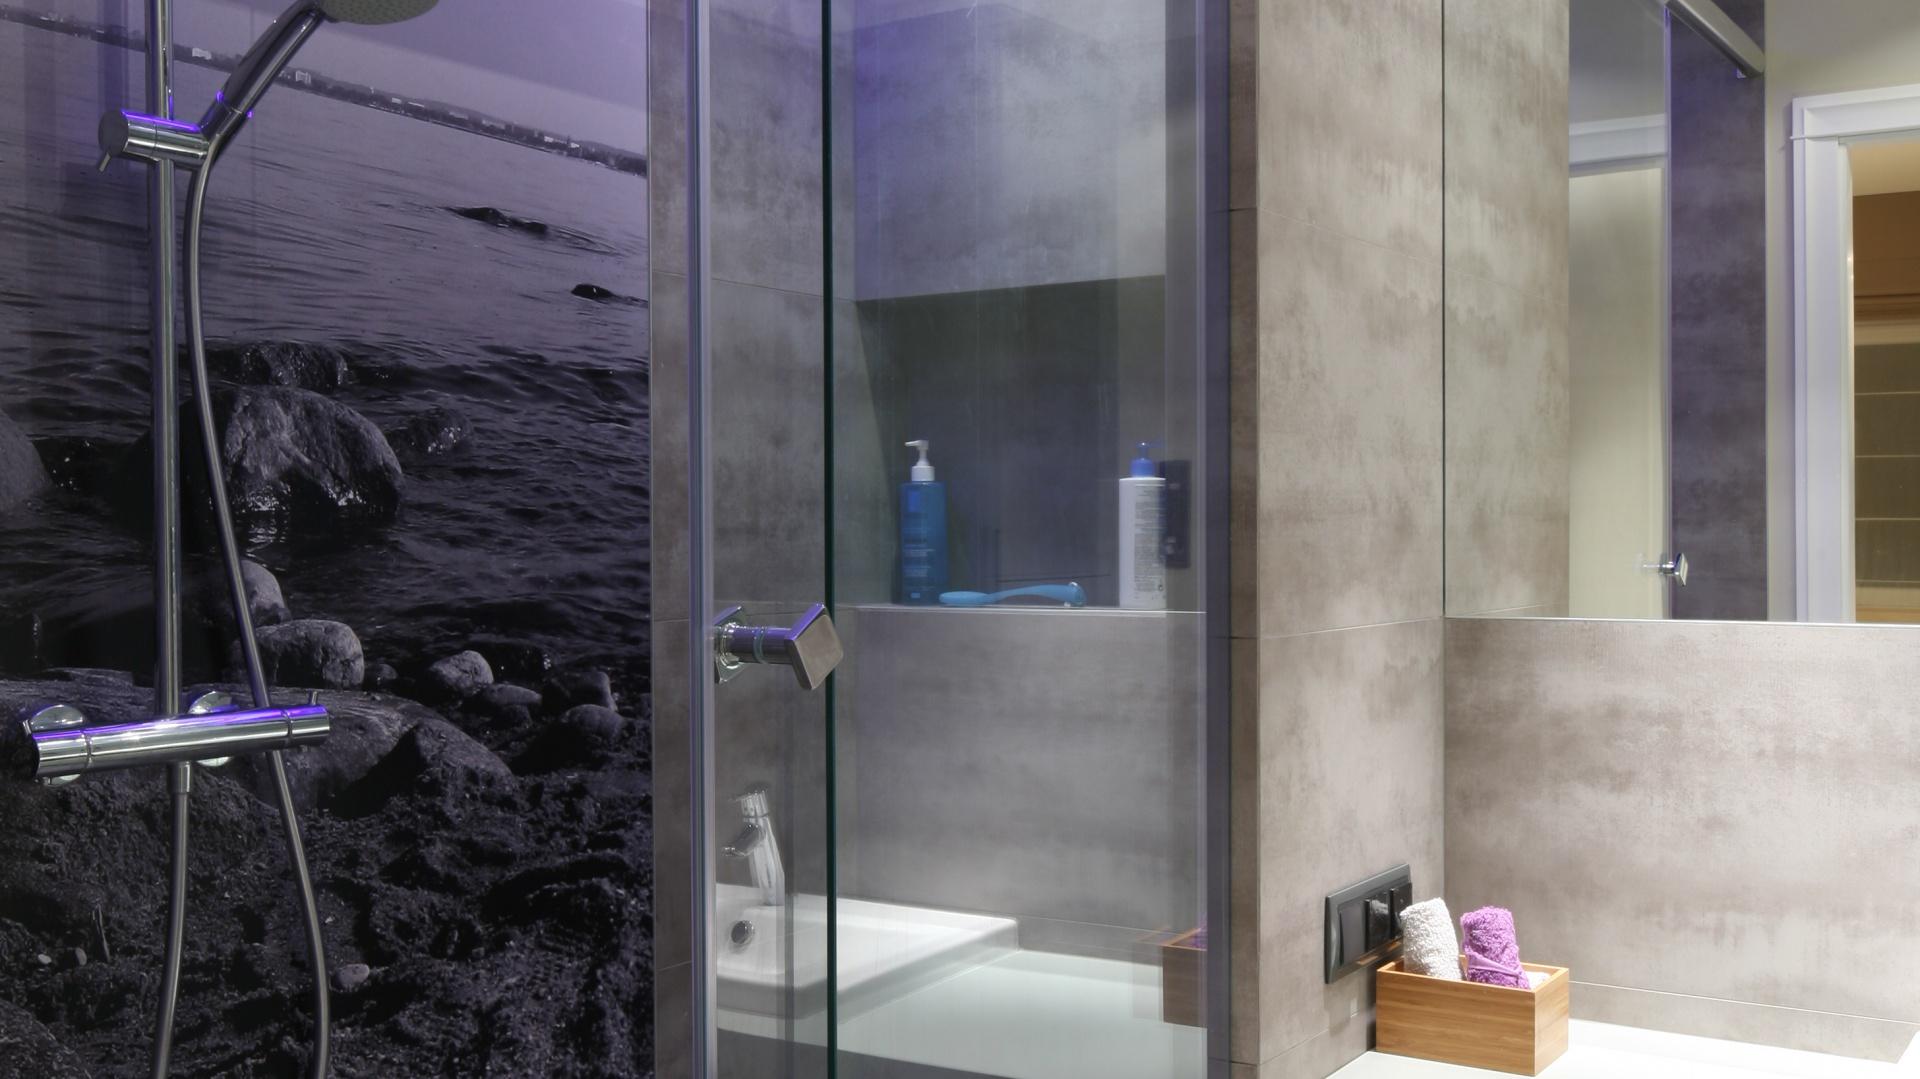 Mała łazienka Jak Ją Optycznie Powiększyć